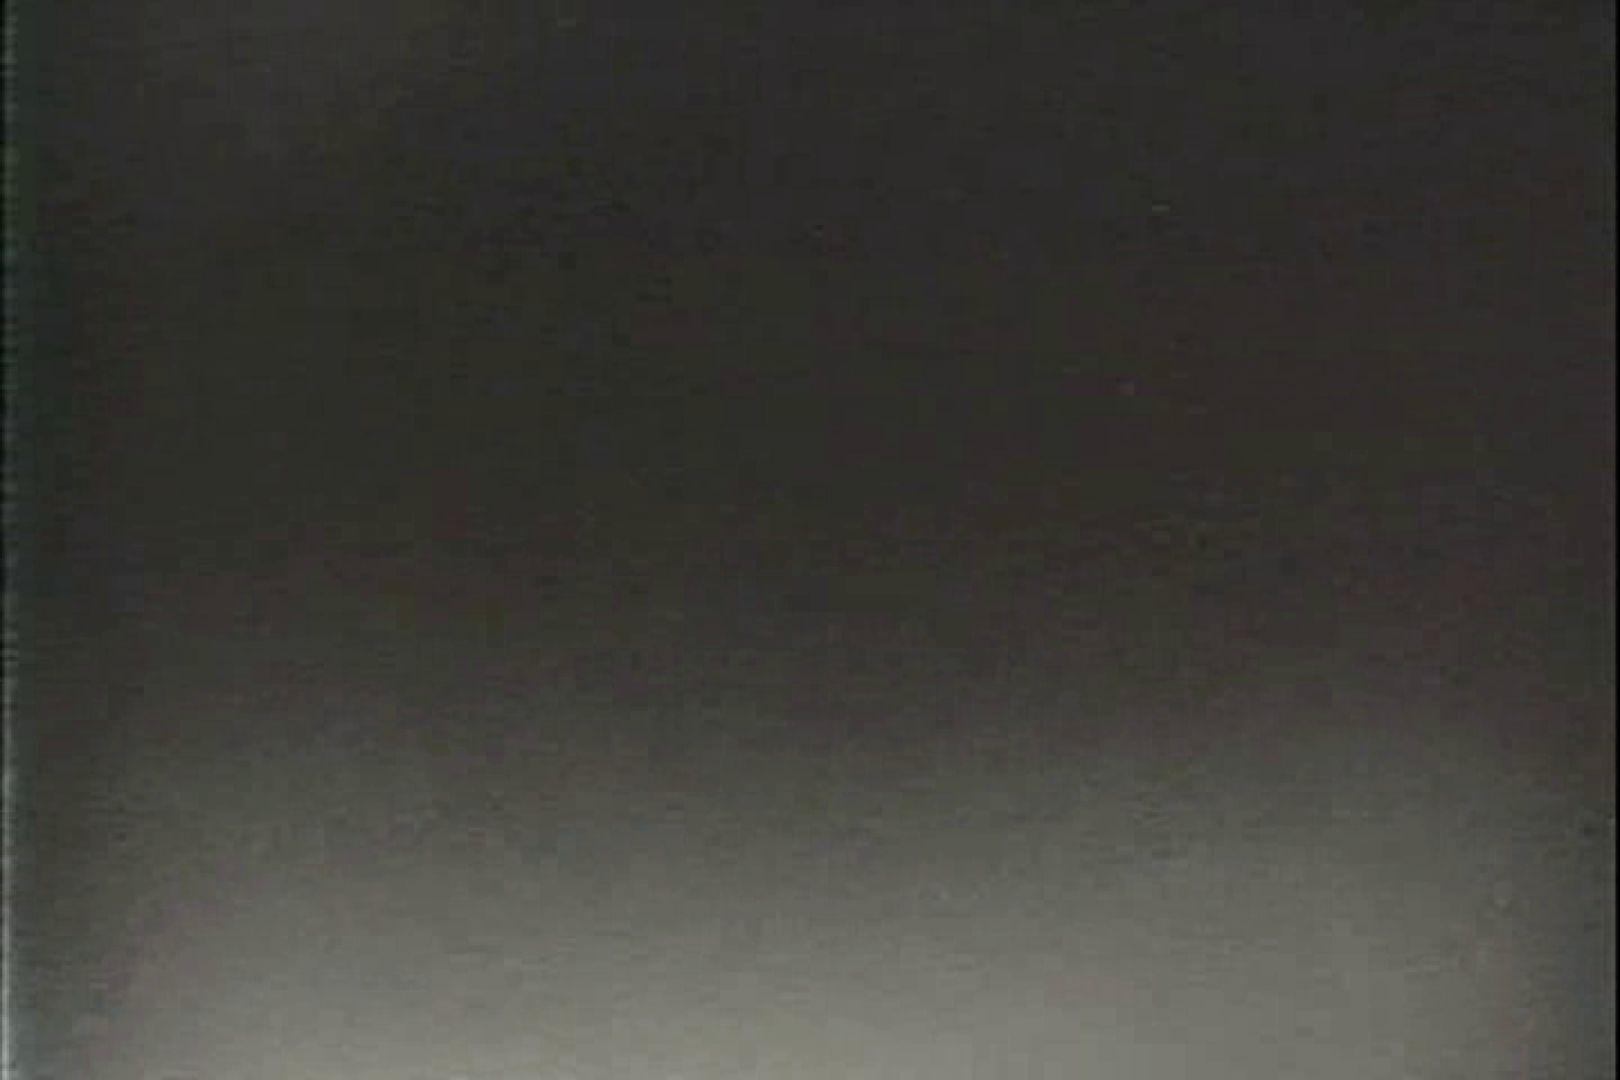 「ちくりん」さんのオリジナル未編集パンチラVol.4_02 美しいOLの裸体 すけべAV動画紹介 87pic 12